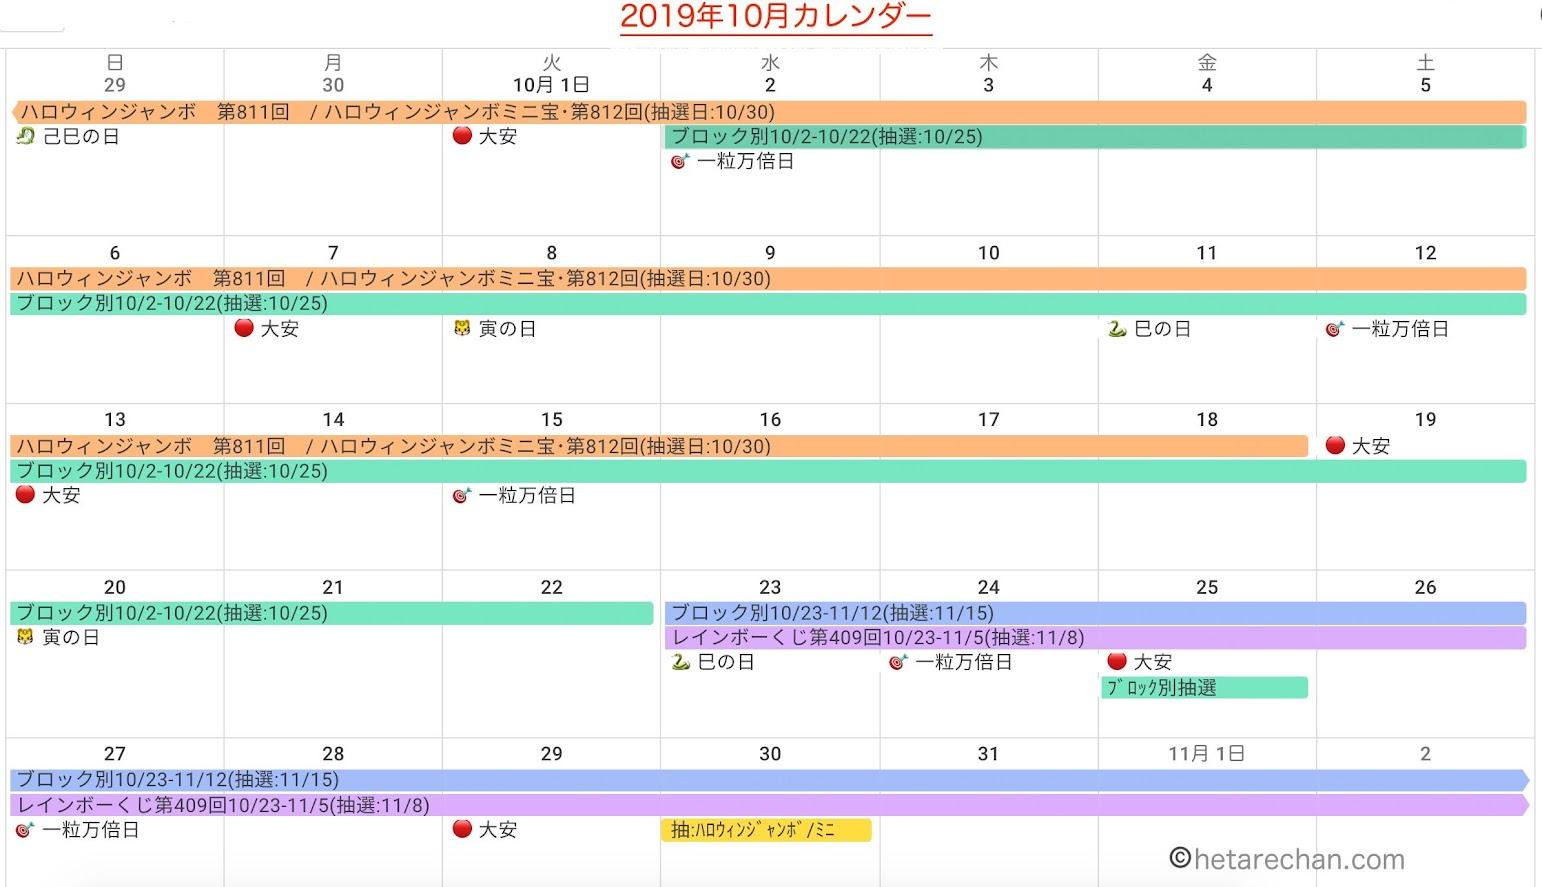 2019年10月金運カレンダー/宝くじ発売日・抽選日・吉日